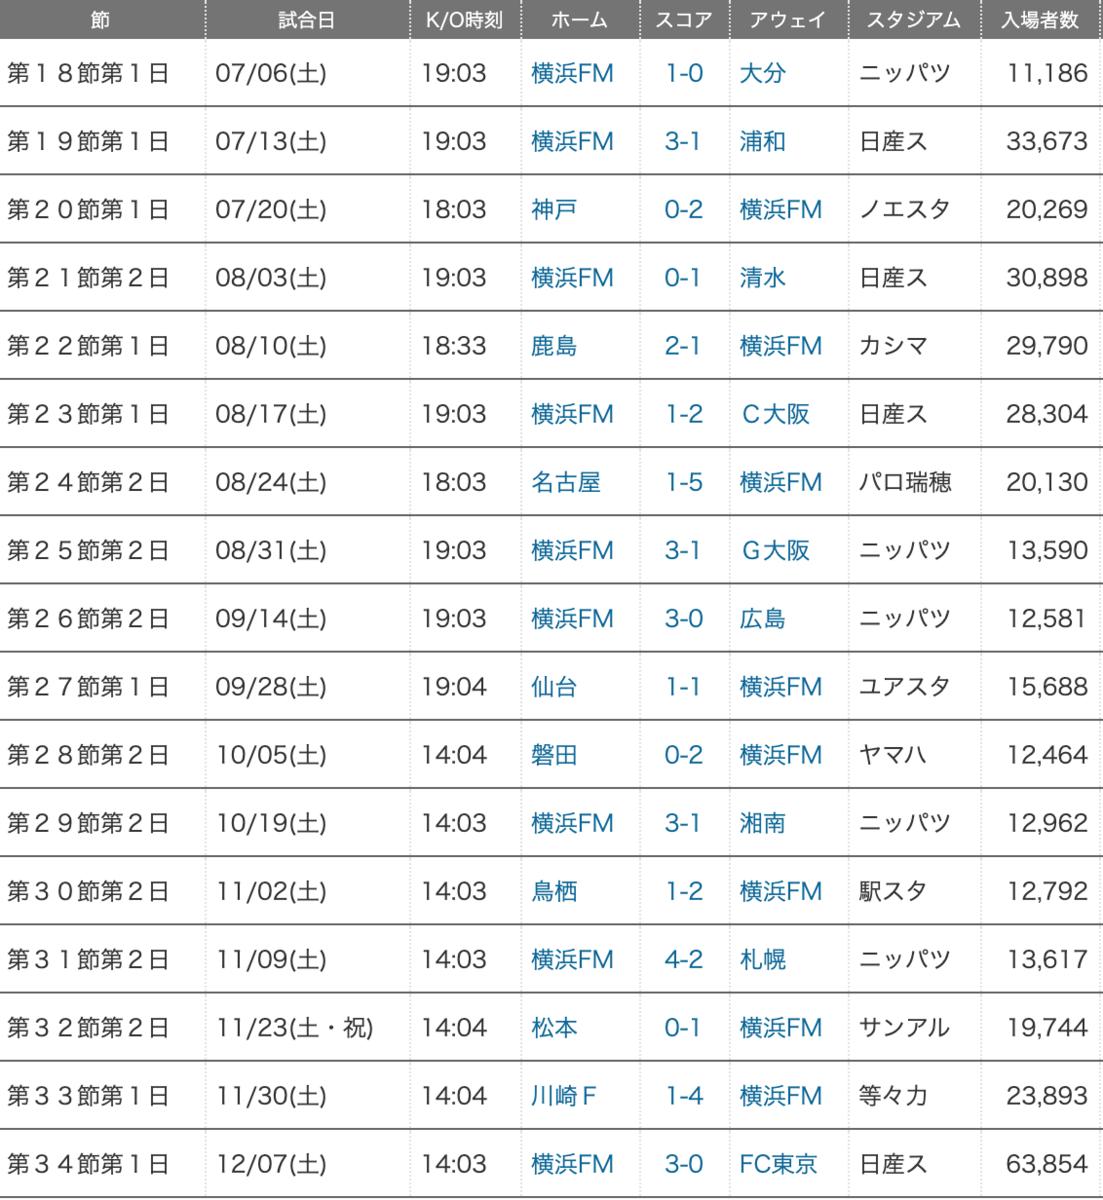 f:id:ogasawara0001:20191208061759p:plain